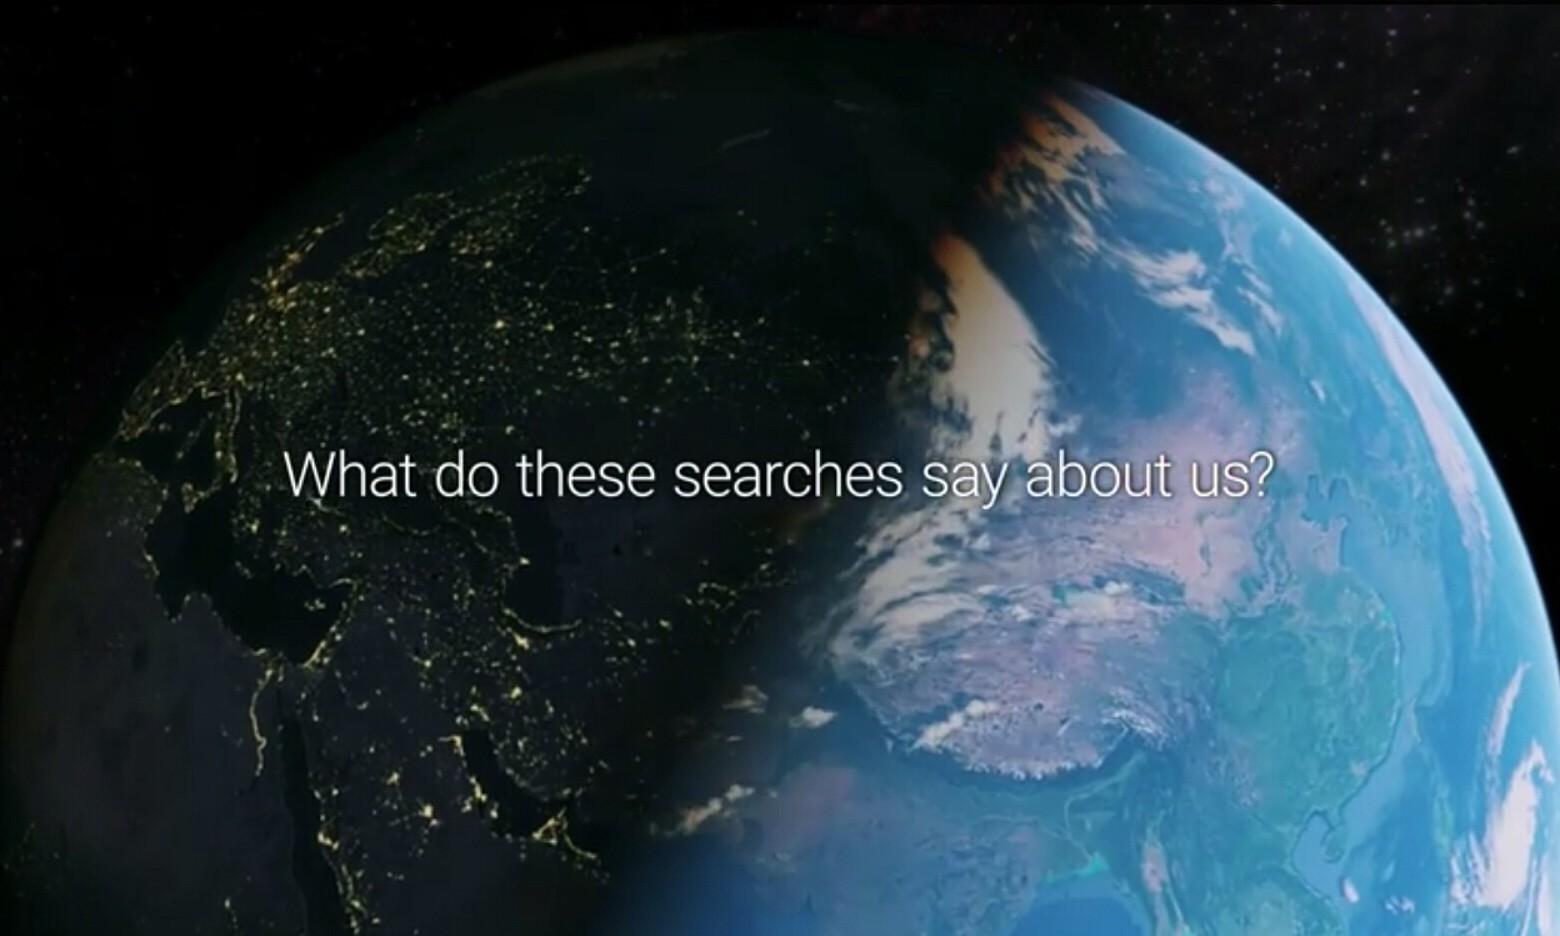 铭记 2014,Google 纪念短片发布